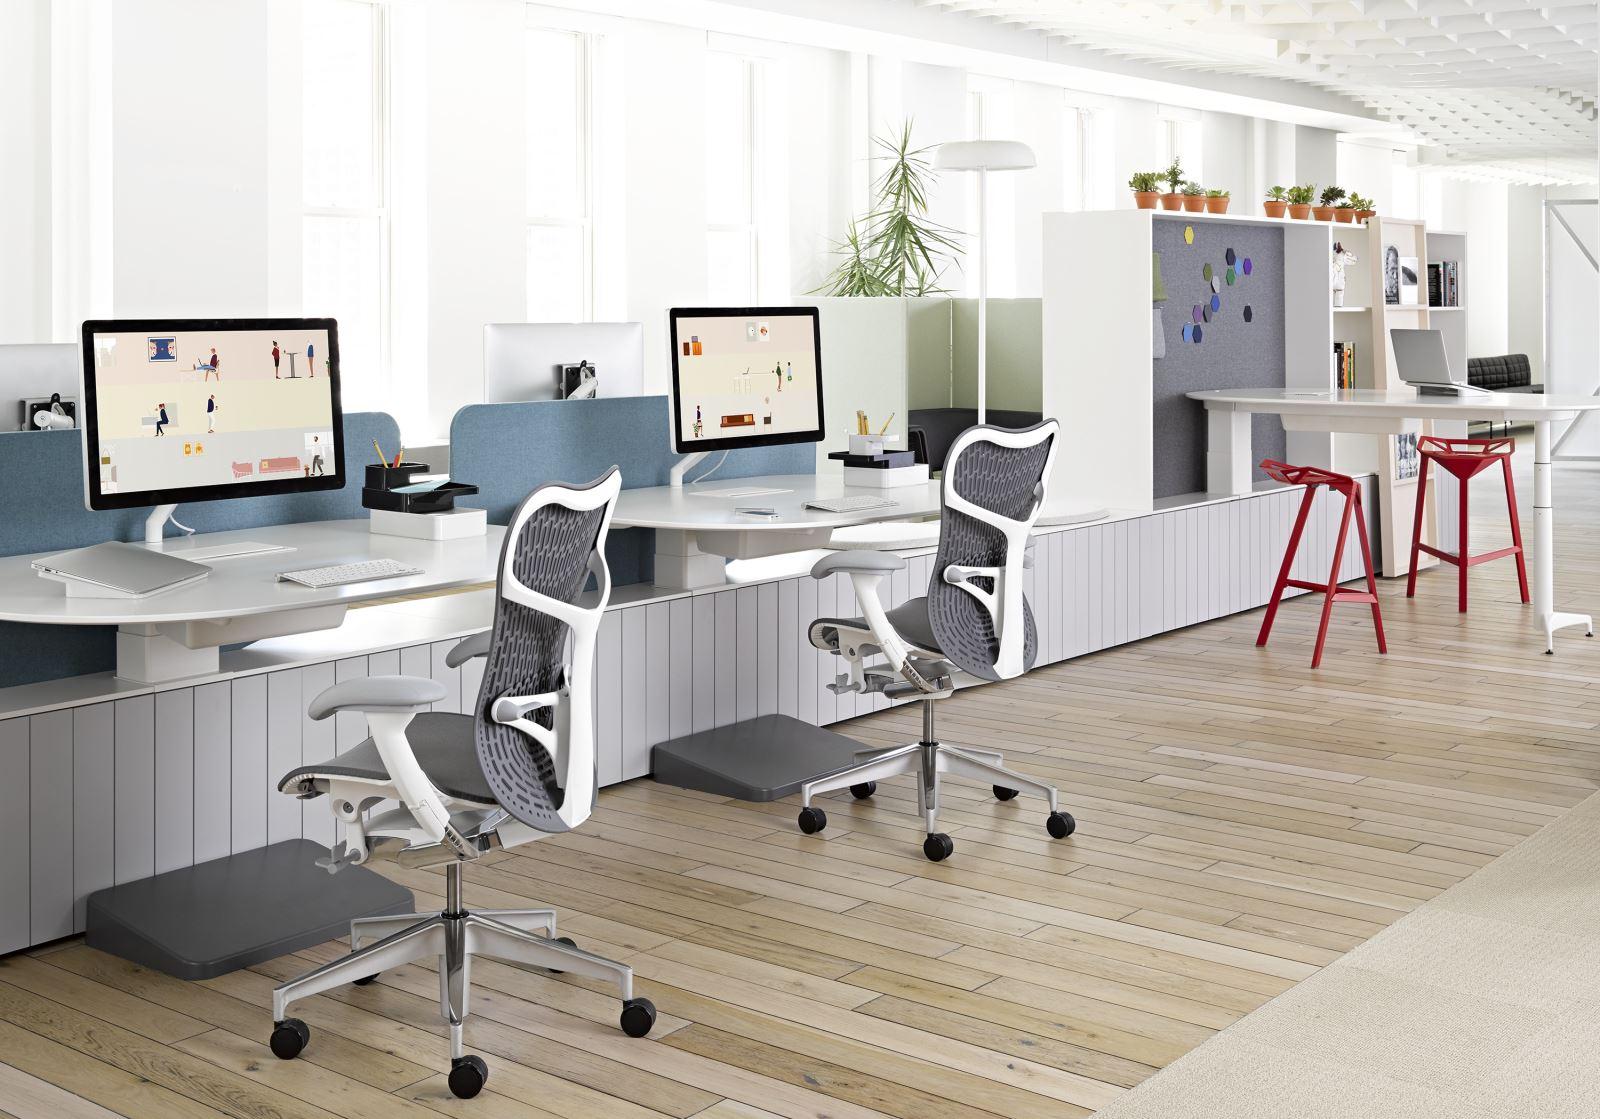 L agence cce invente le bureau cabane un espace de travail